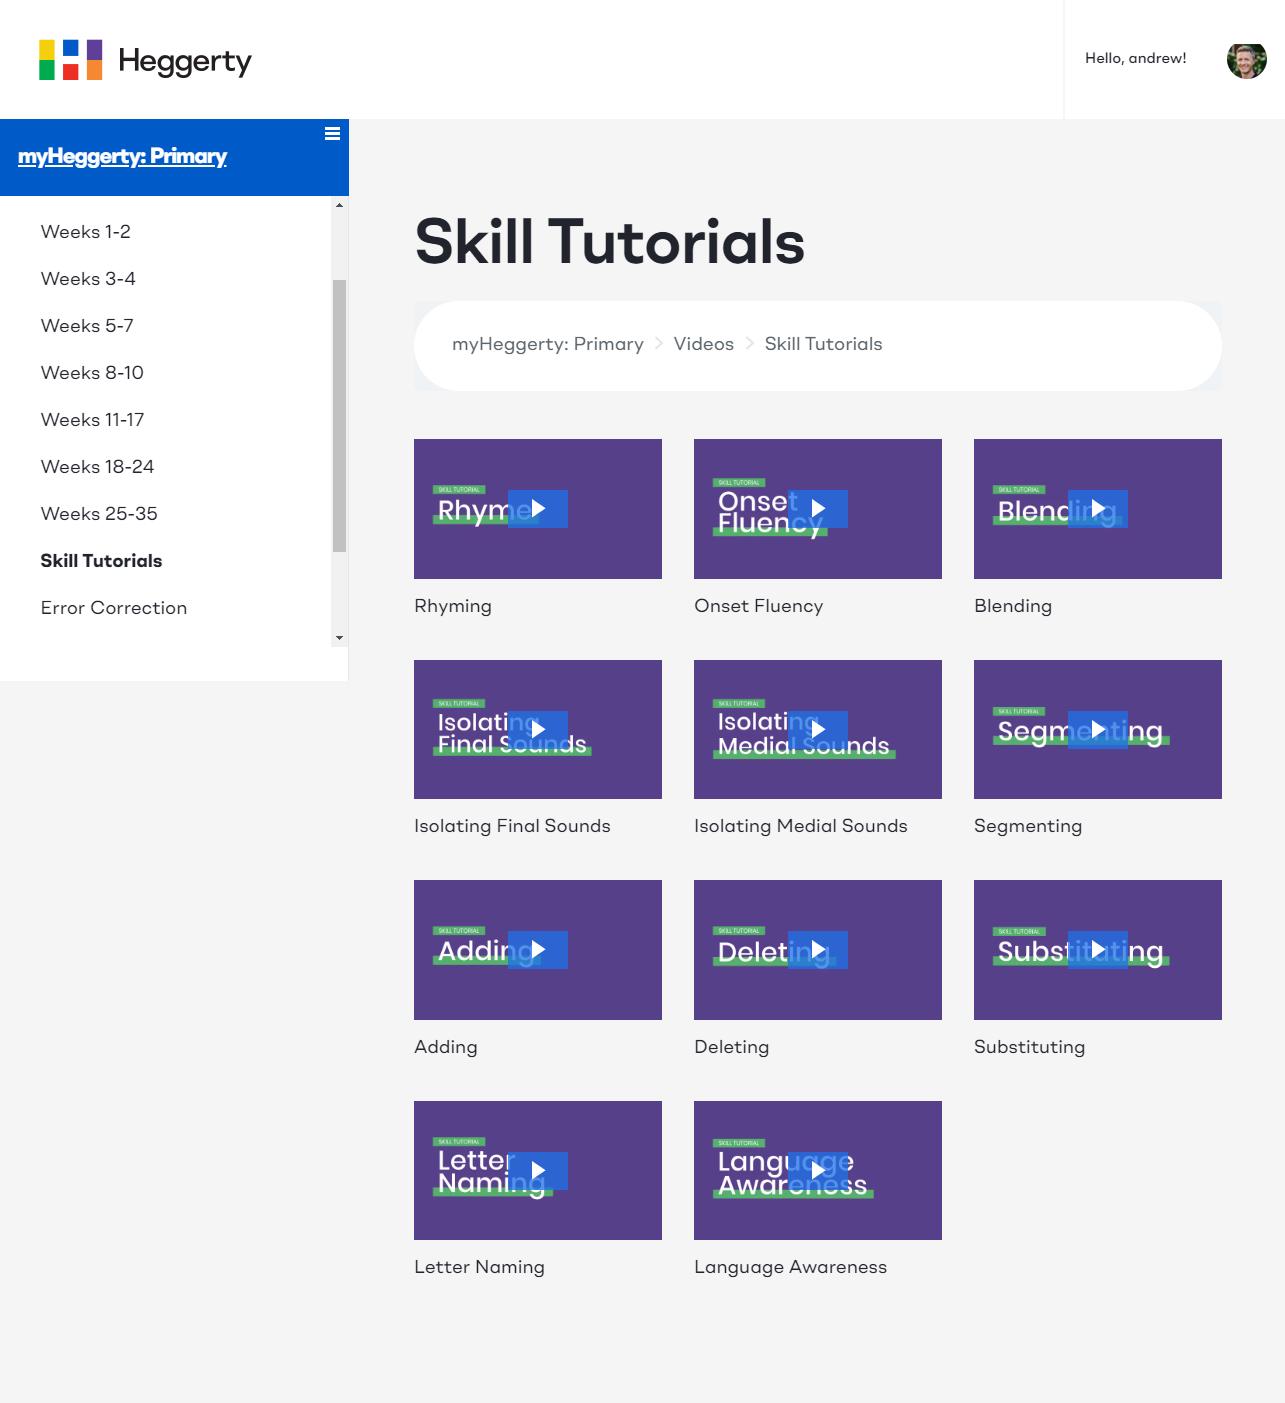 Skill Tutorials